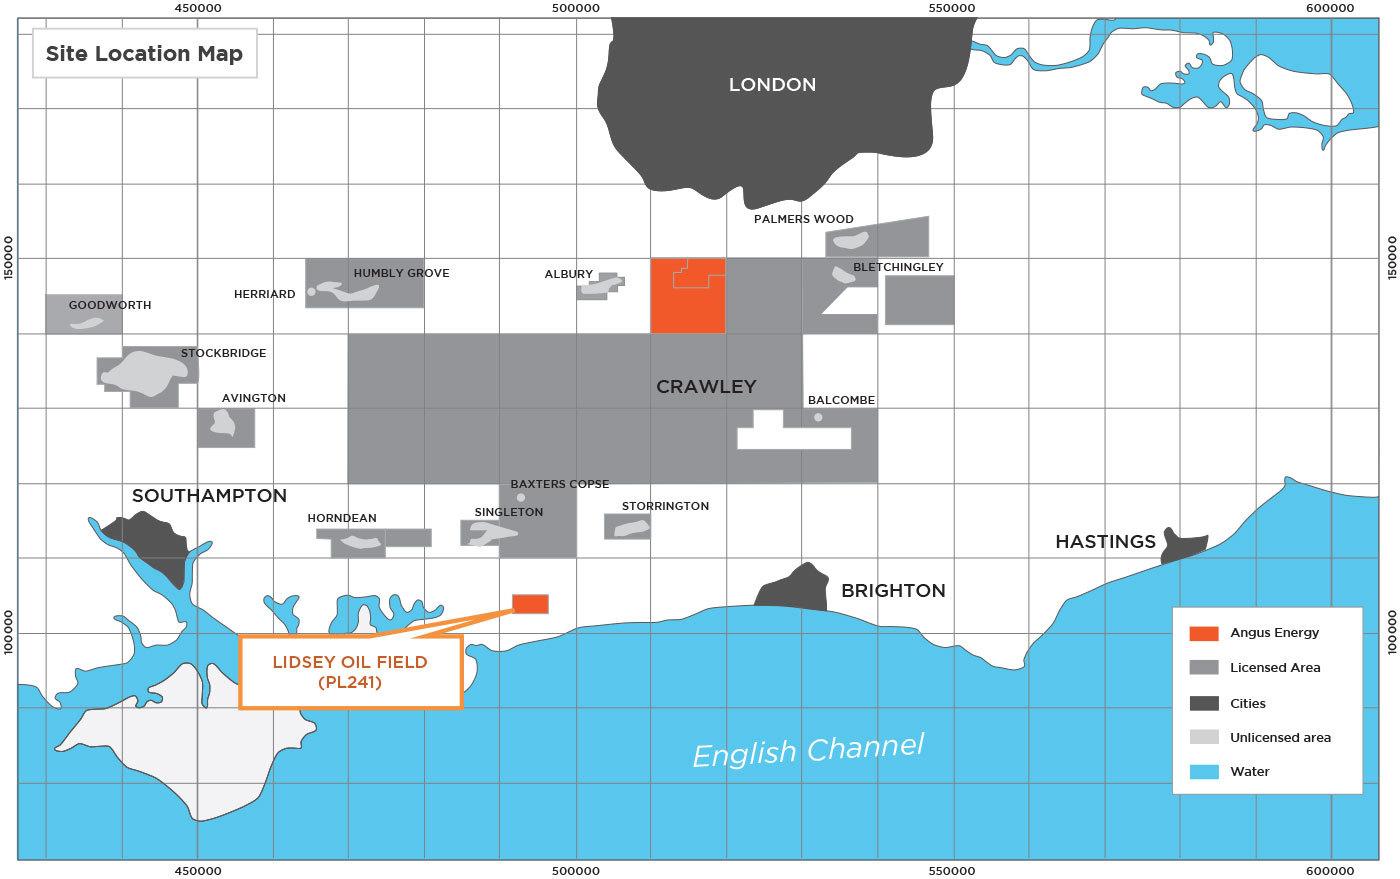 Angus Energy's Lidsey Oil Field